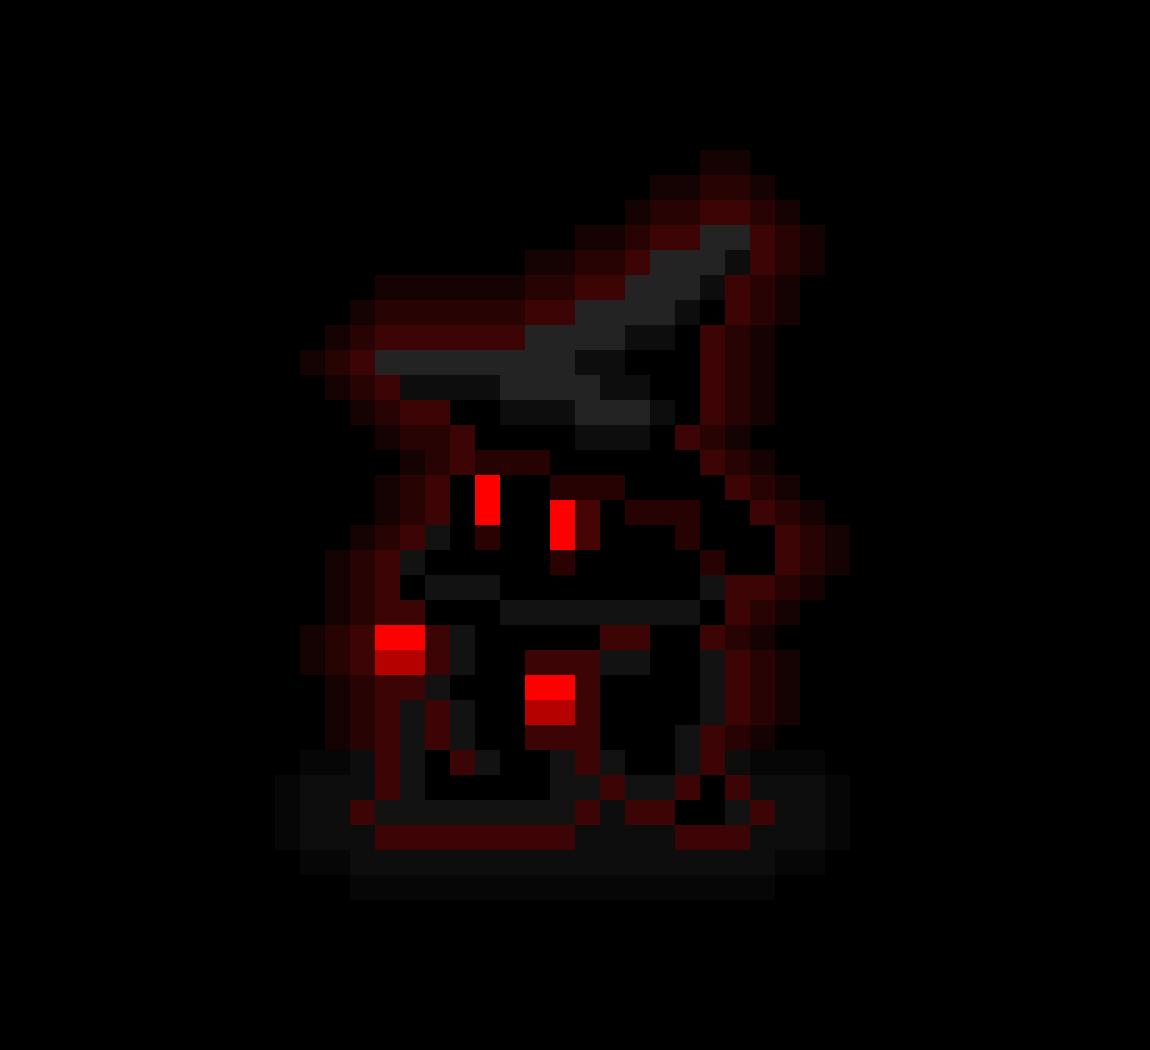 8-bit Red Wizard